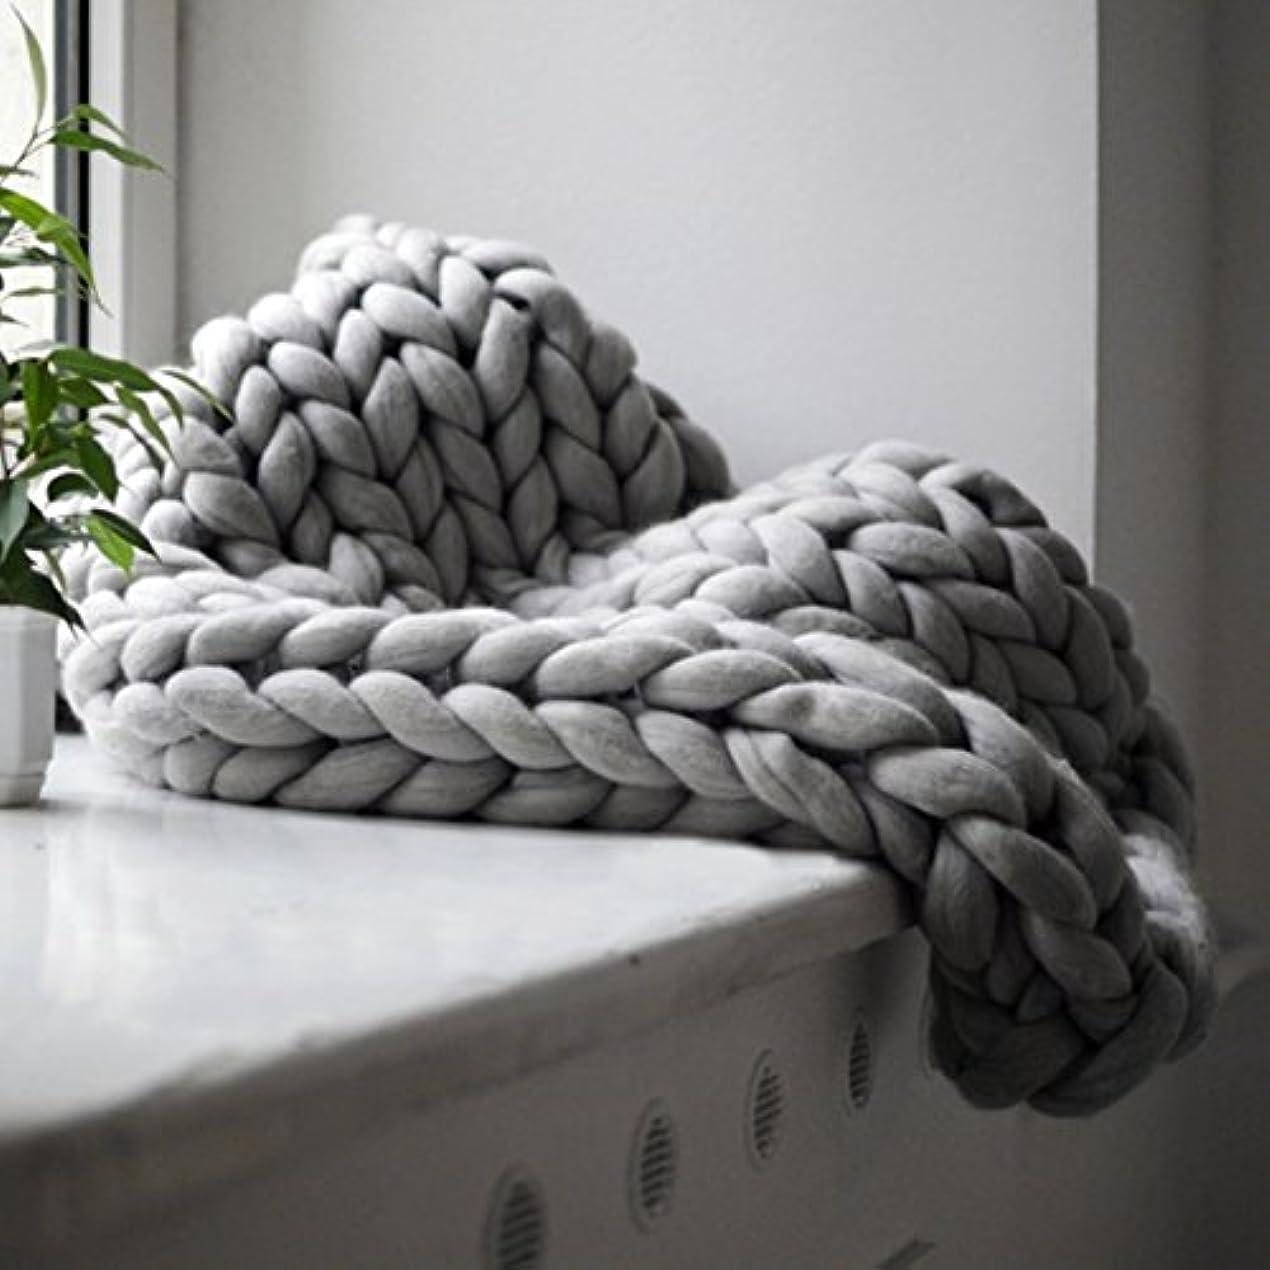 斧大通りつかの間Saikogoods 快適な暖かいソフト太いラインジャイアント糸ニットブランケット手作りマニュアルウィービング写真小道具毛布をキープ グレー 100×120cm